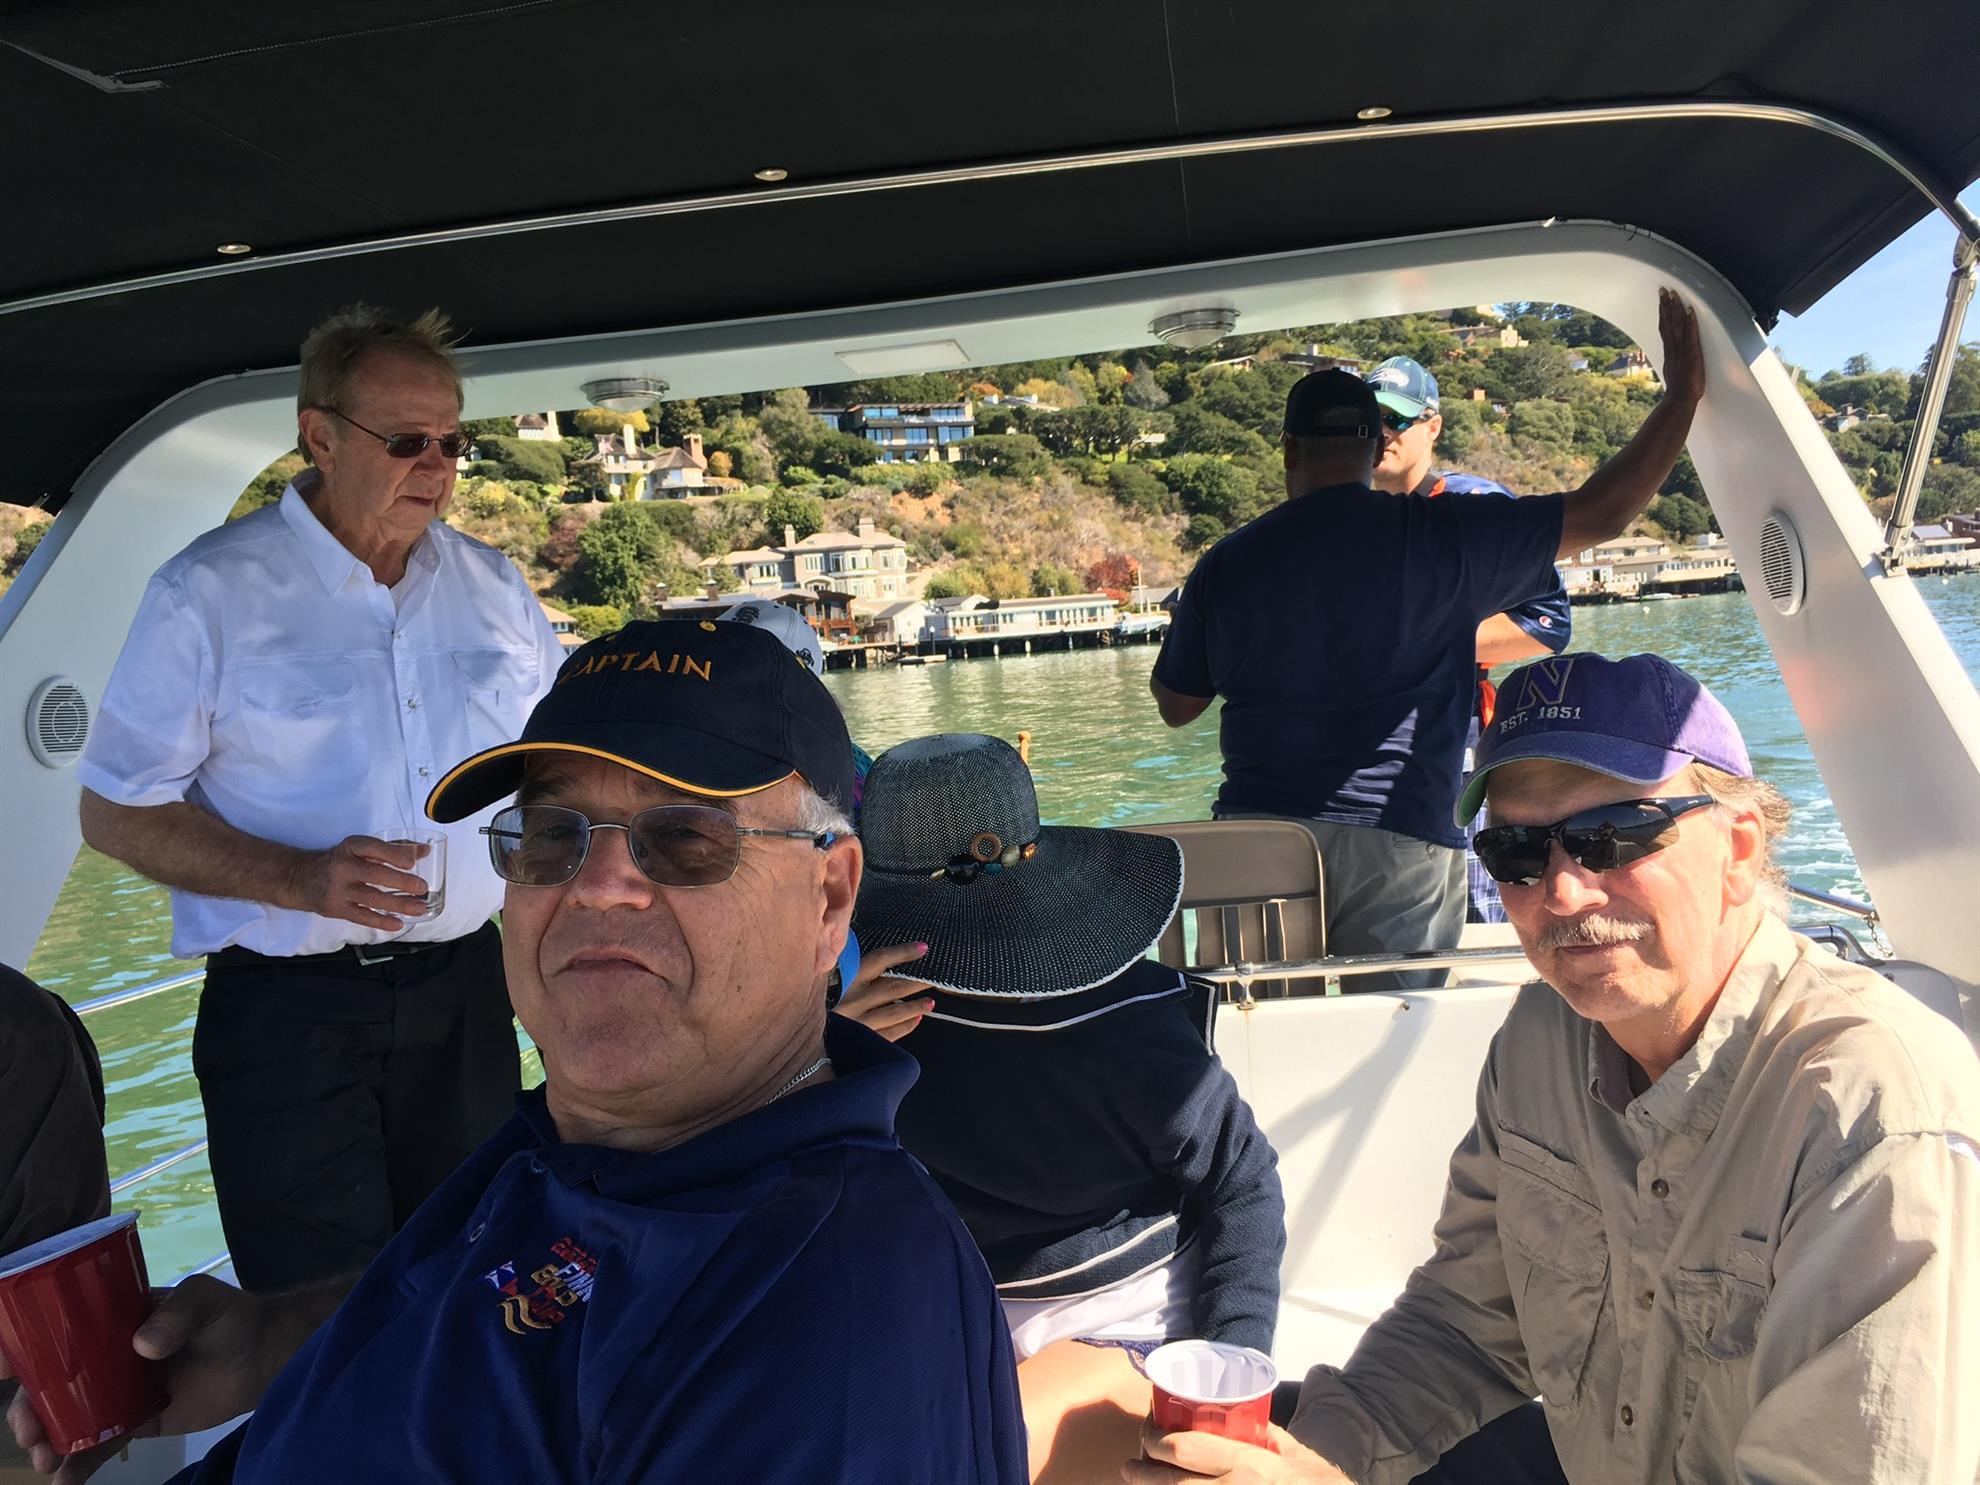 left to right, Jim Ring, Capt Jeff Allen, Hugh Murphy